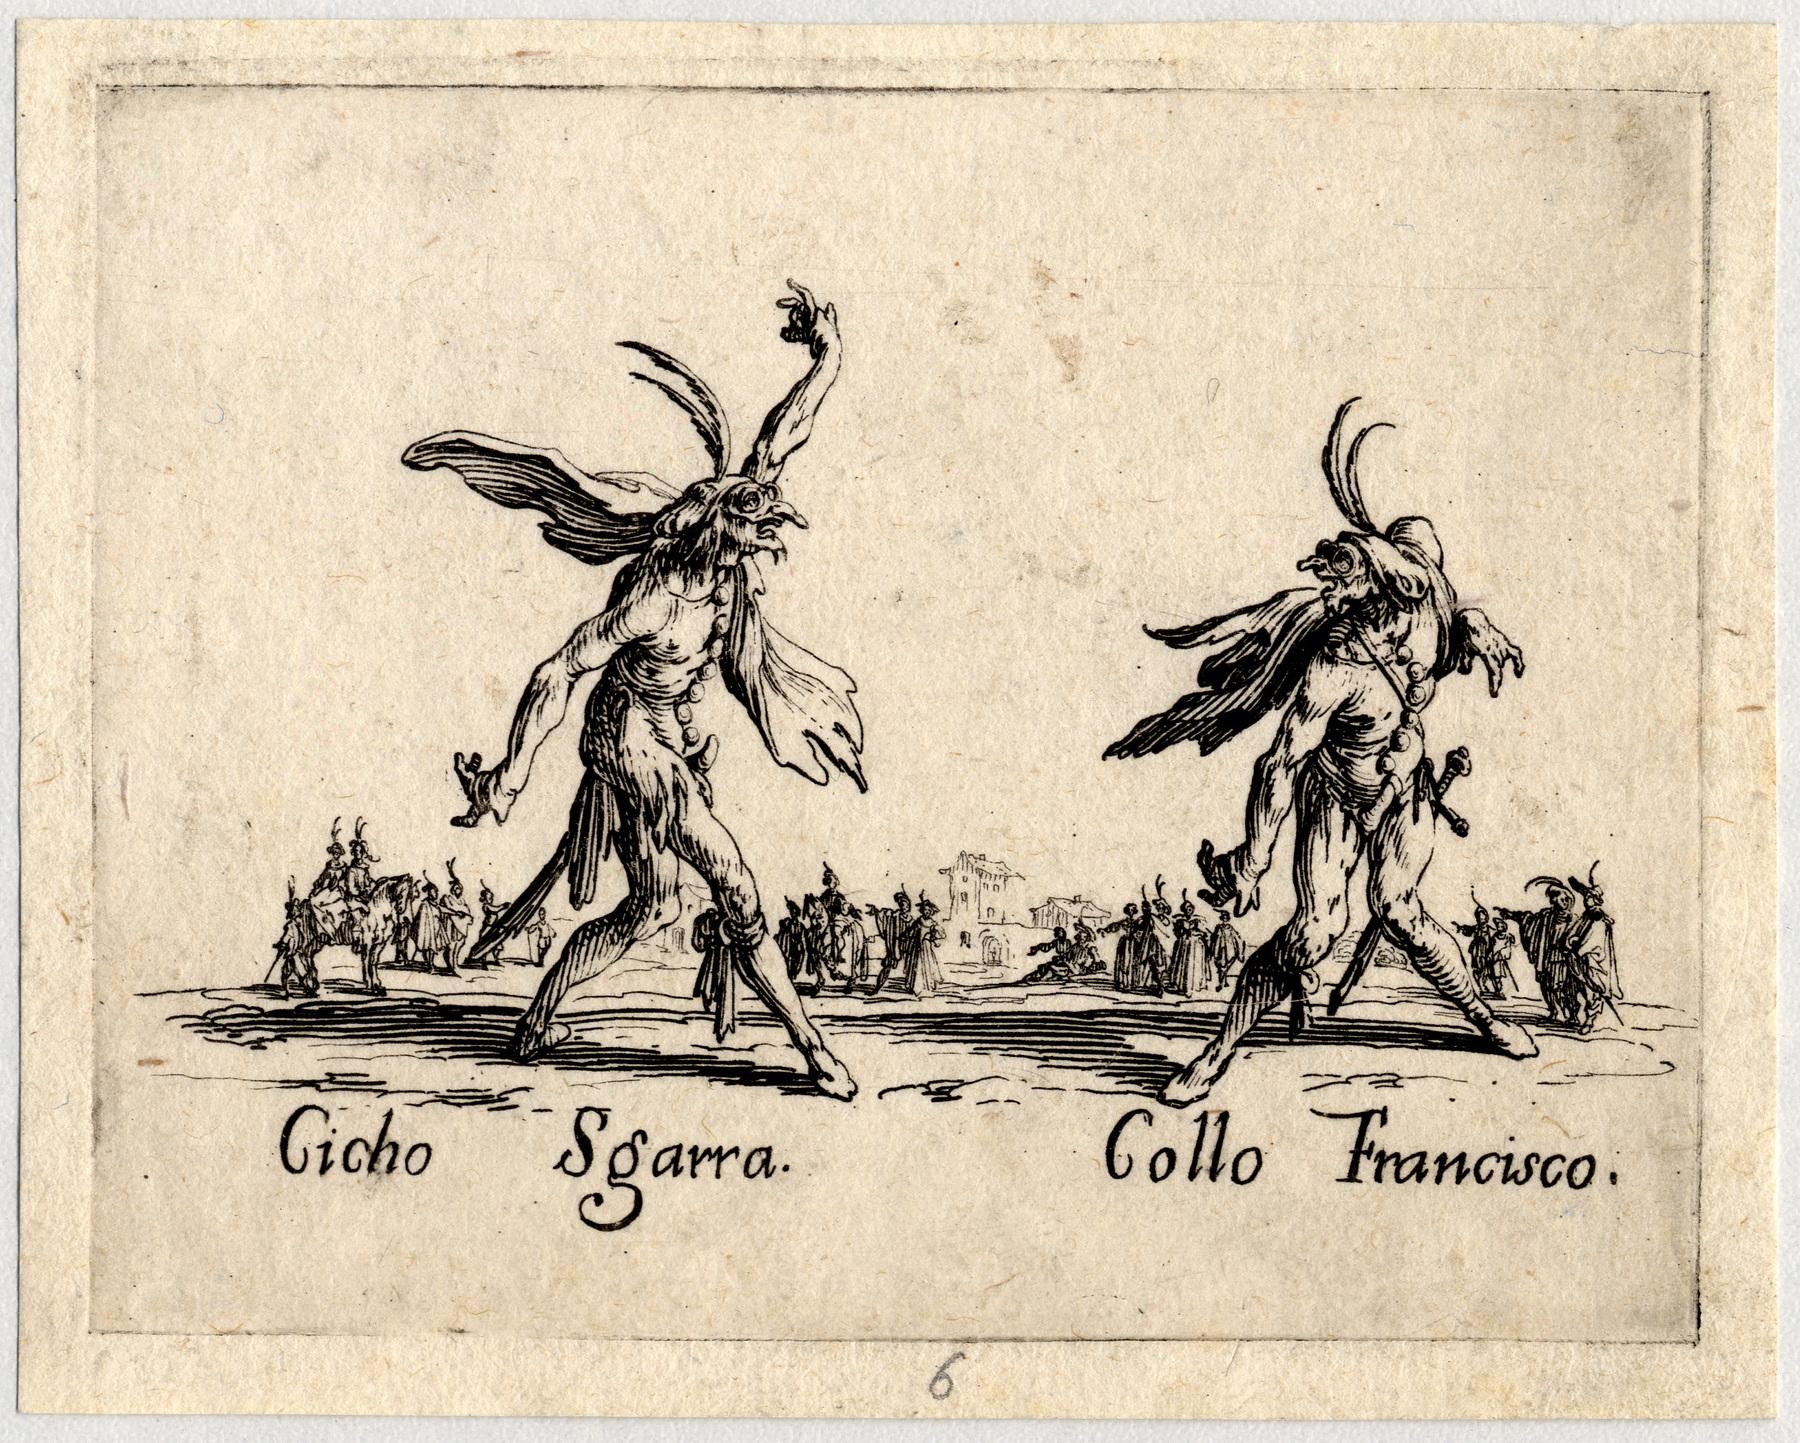 Contenu du Balli di Sfessania : Cicho Sgarra, Collo Francisco